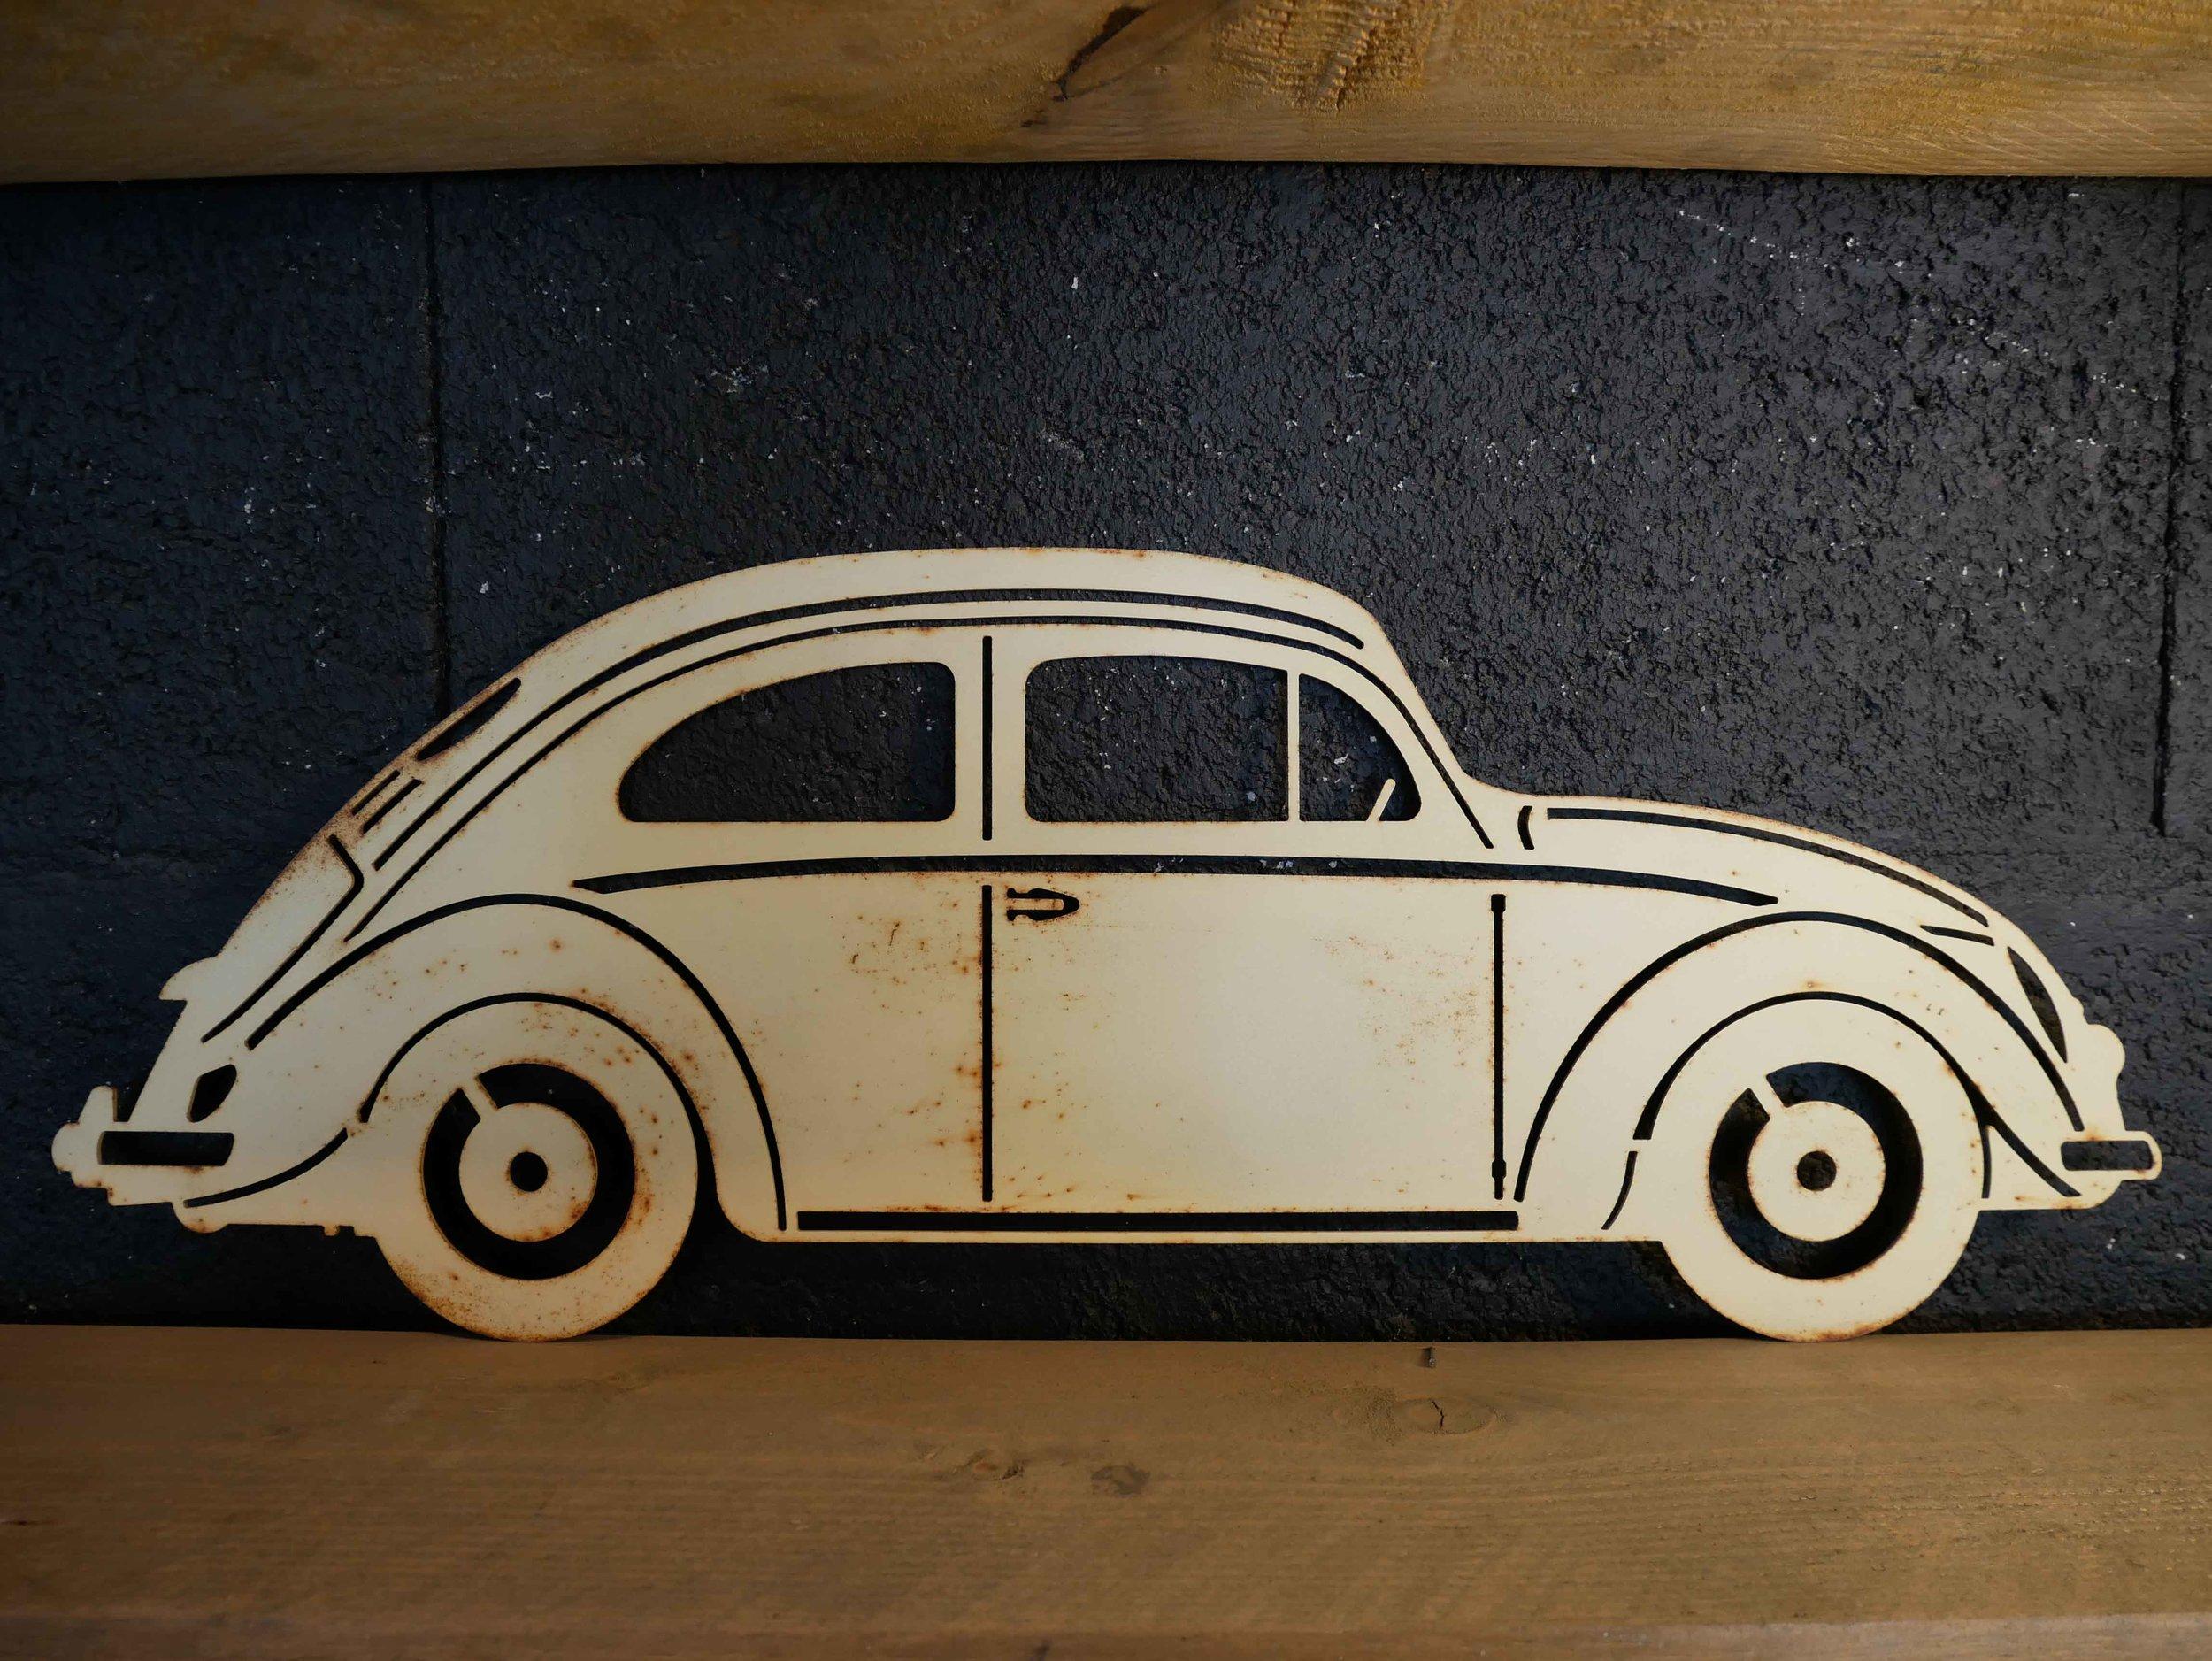 Récréa_profil véhicule_VW_cox_02.jpg